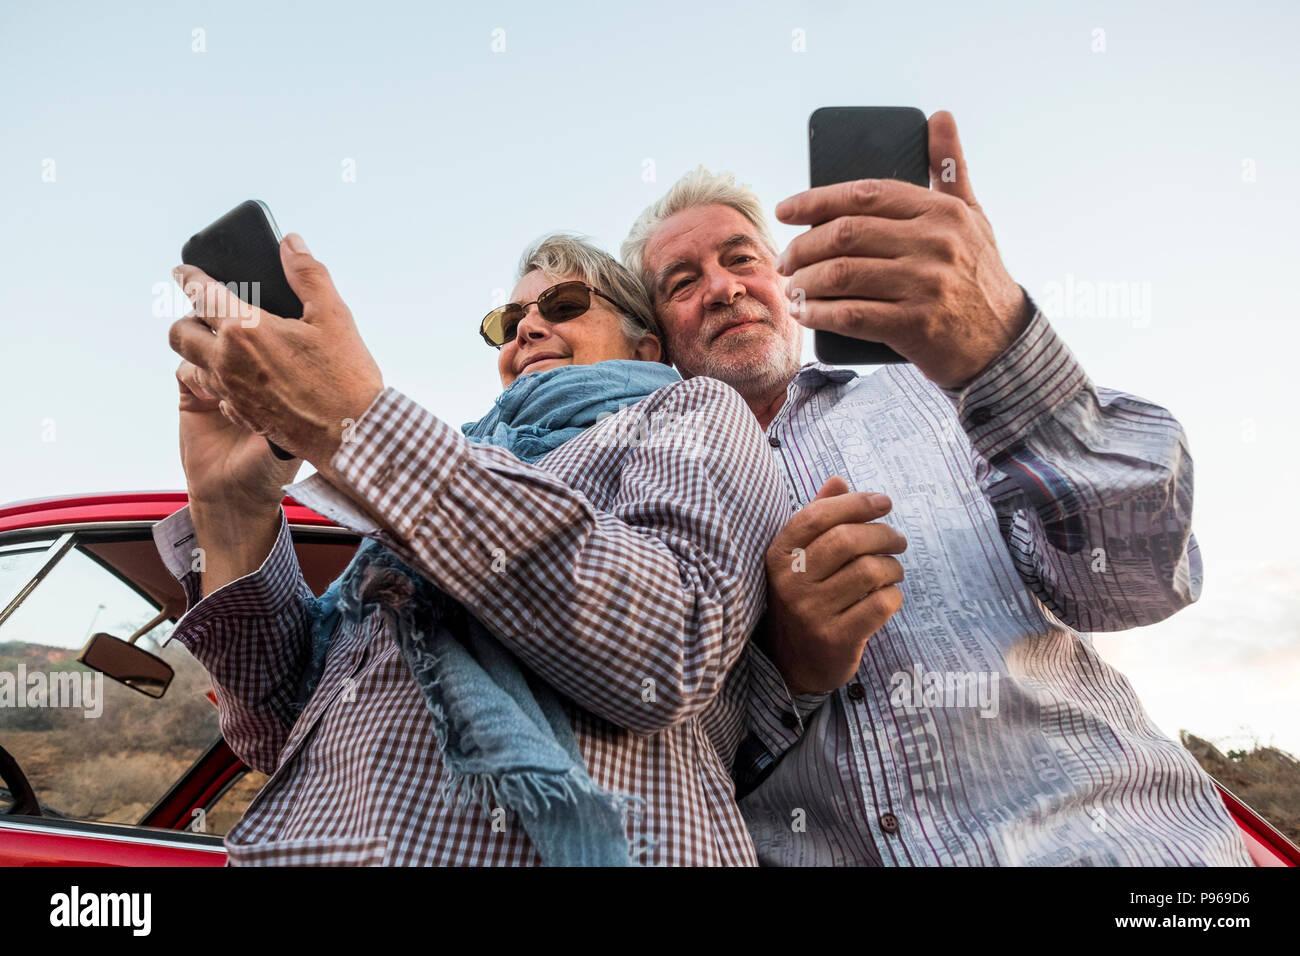 Punto di vista alternativo dal fondo per la giovane coppia senior popolazione caucasica utilizza lo smartphone per scattare foto ed effettuare la connessione a internet. per una corsa Immagini Stock